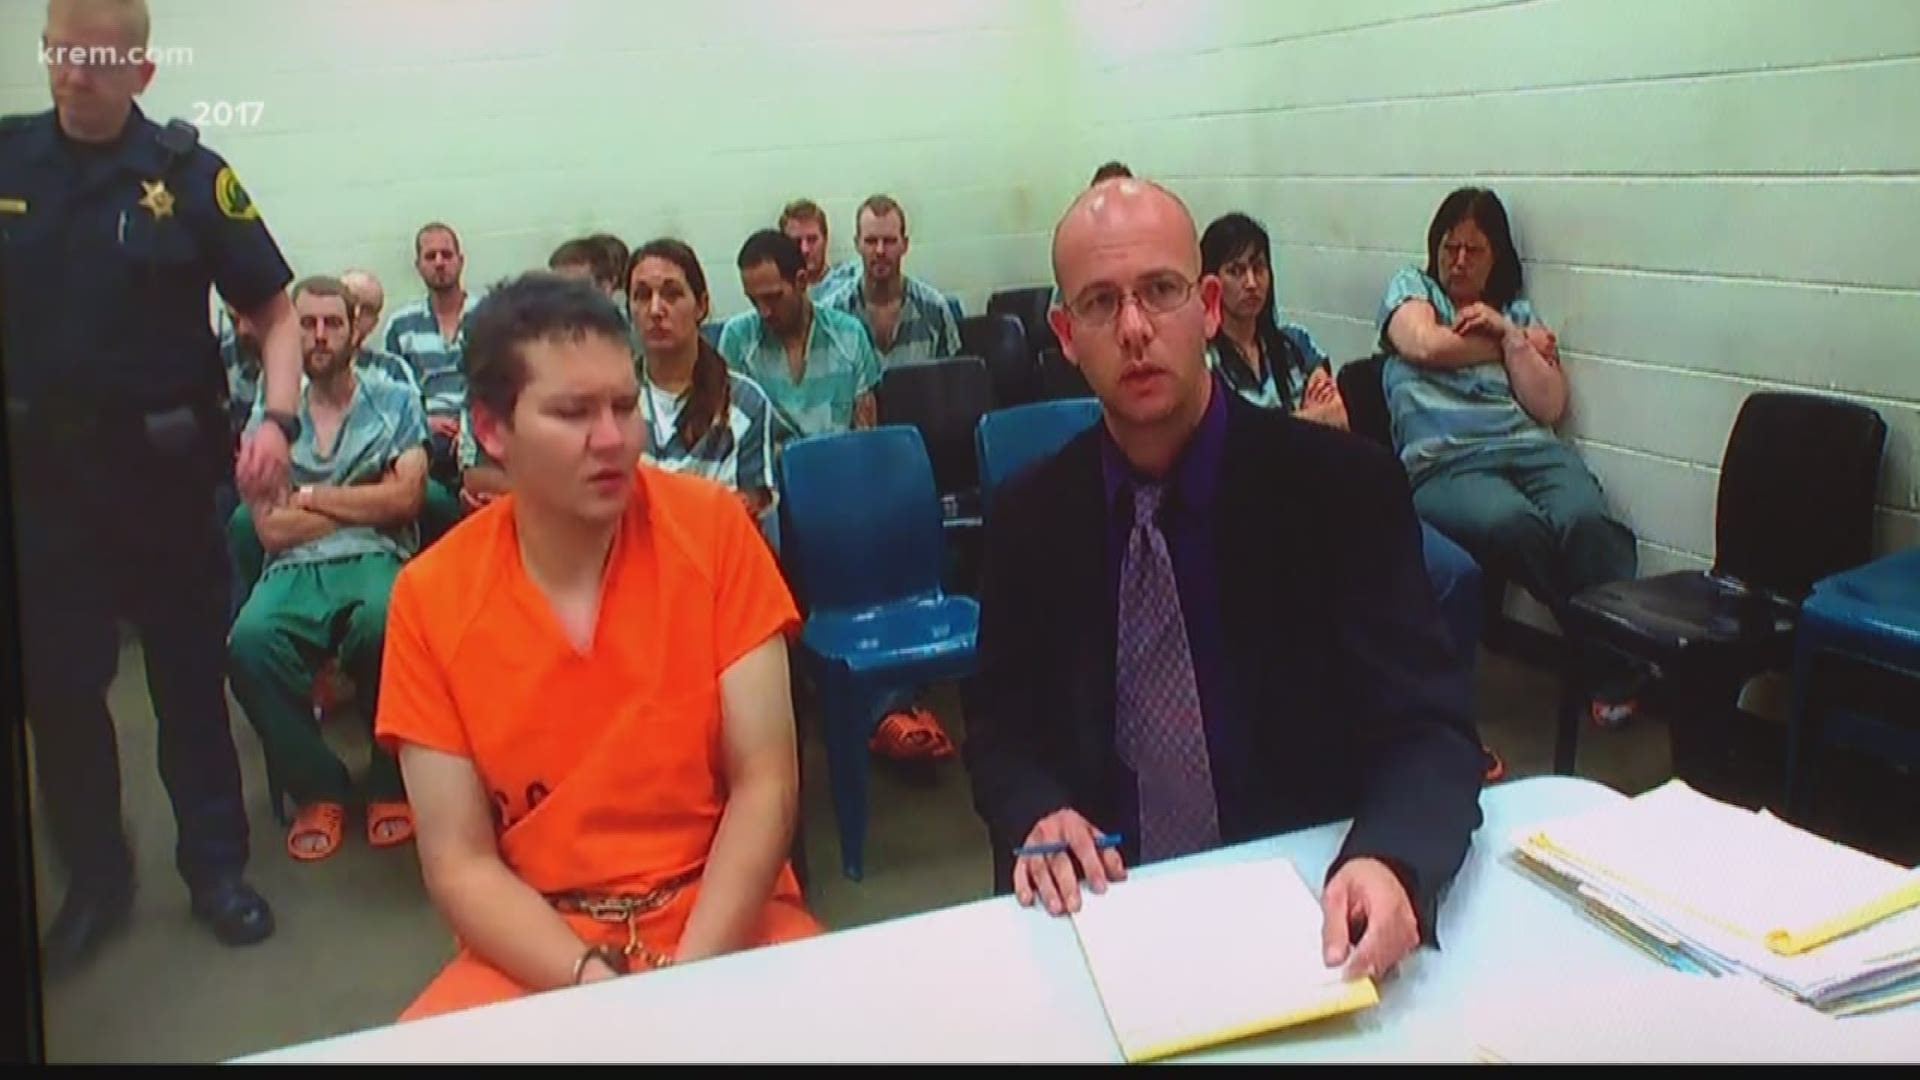 Eureka man sentenced in Washington state cold case killing